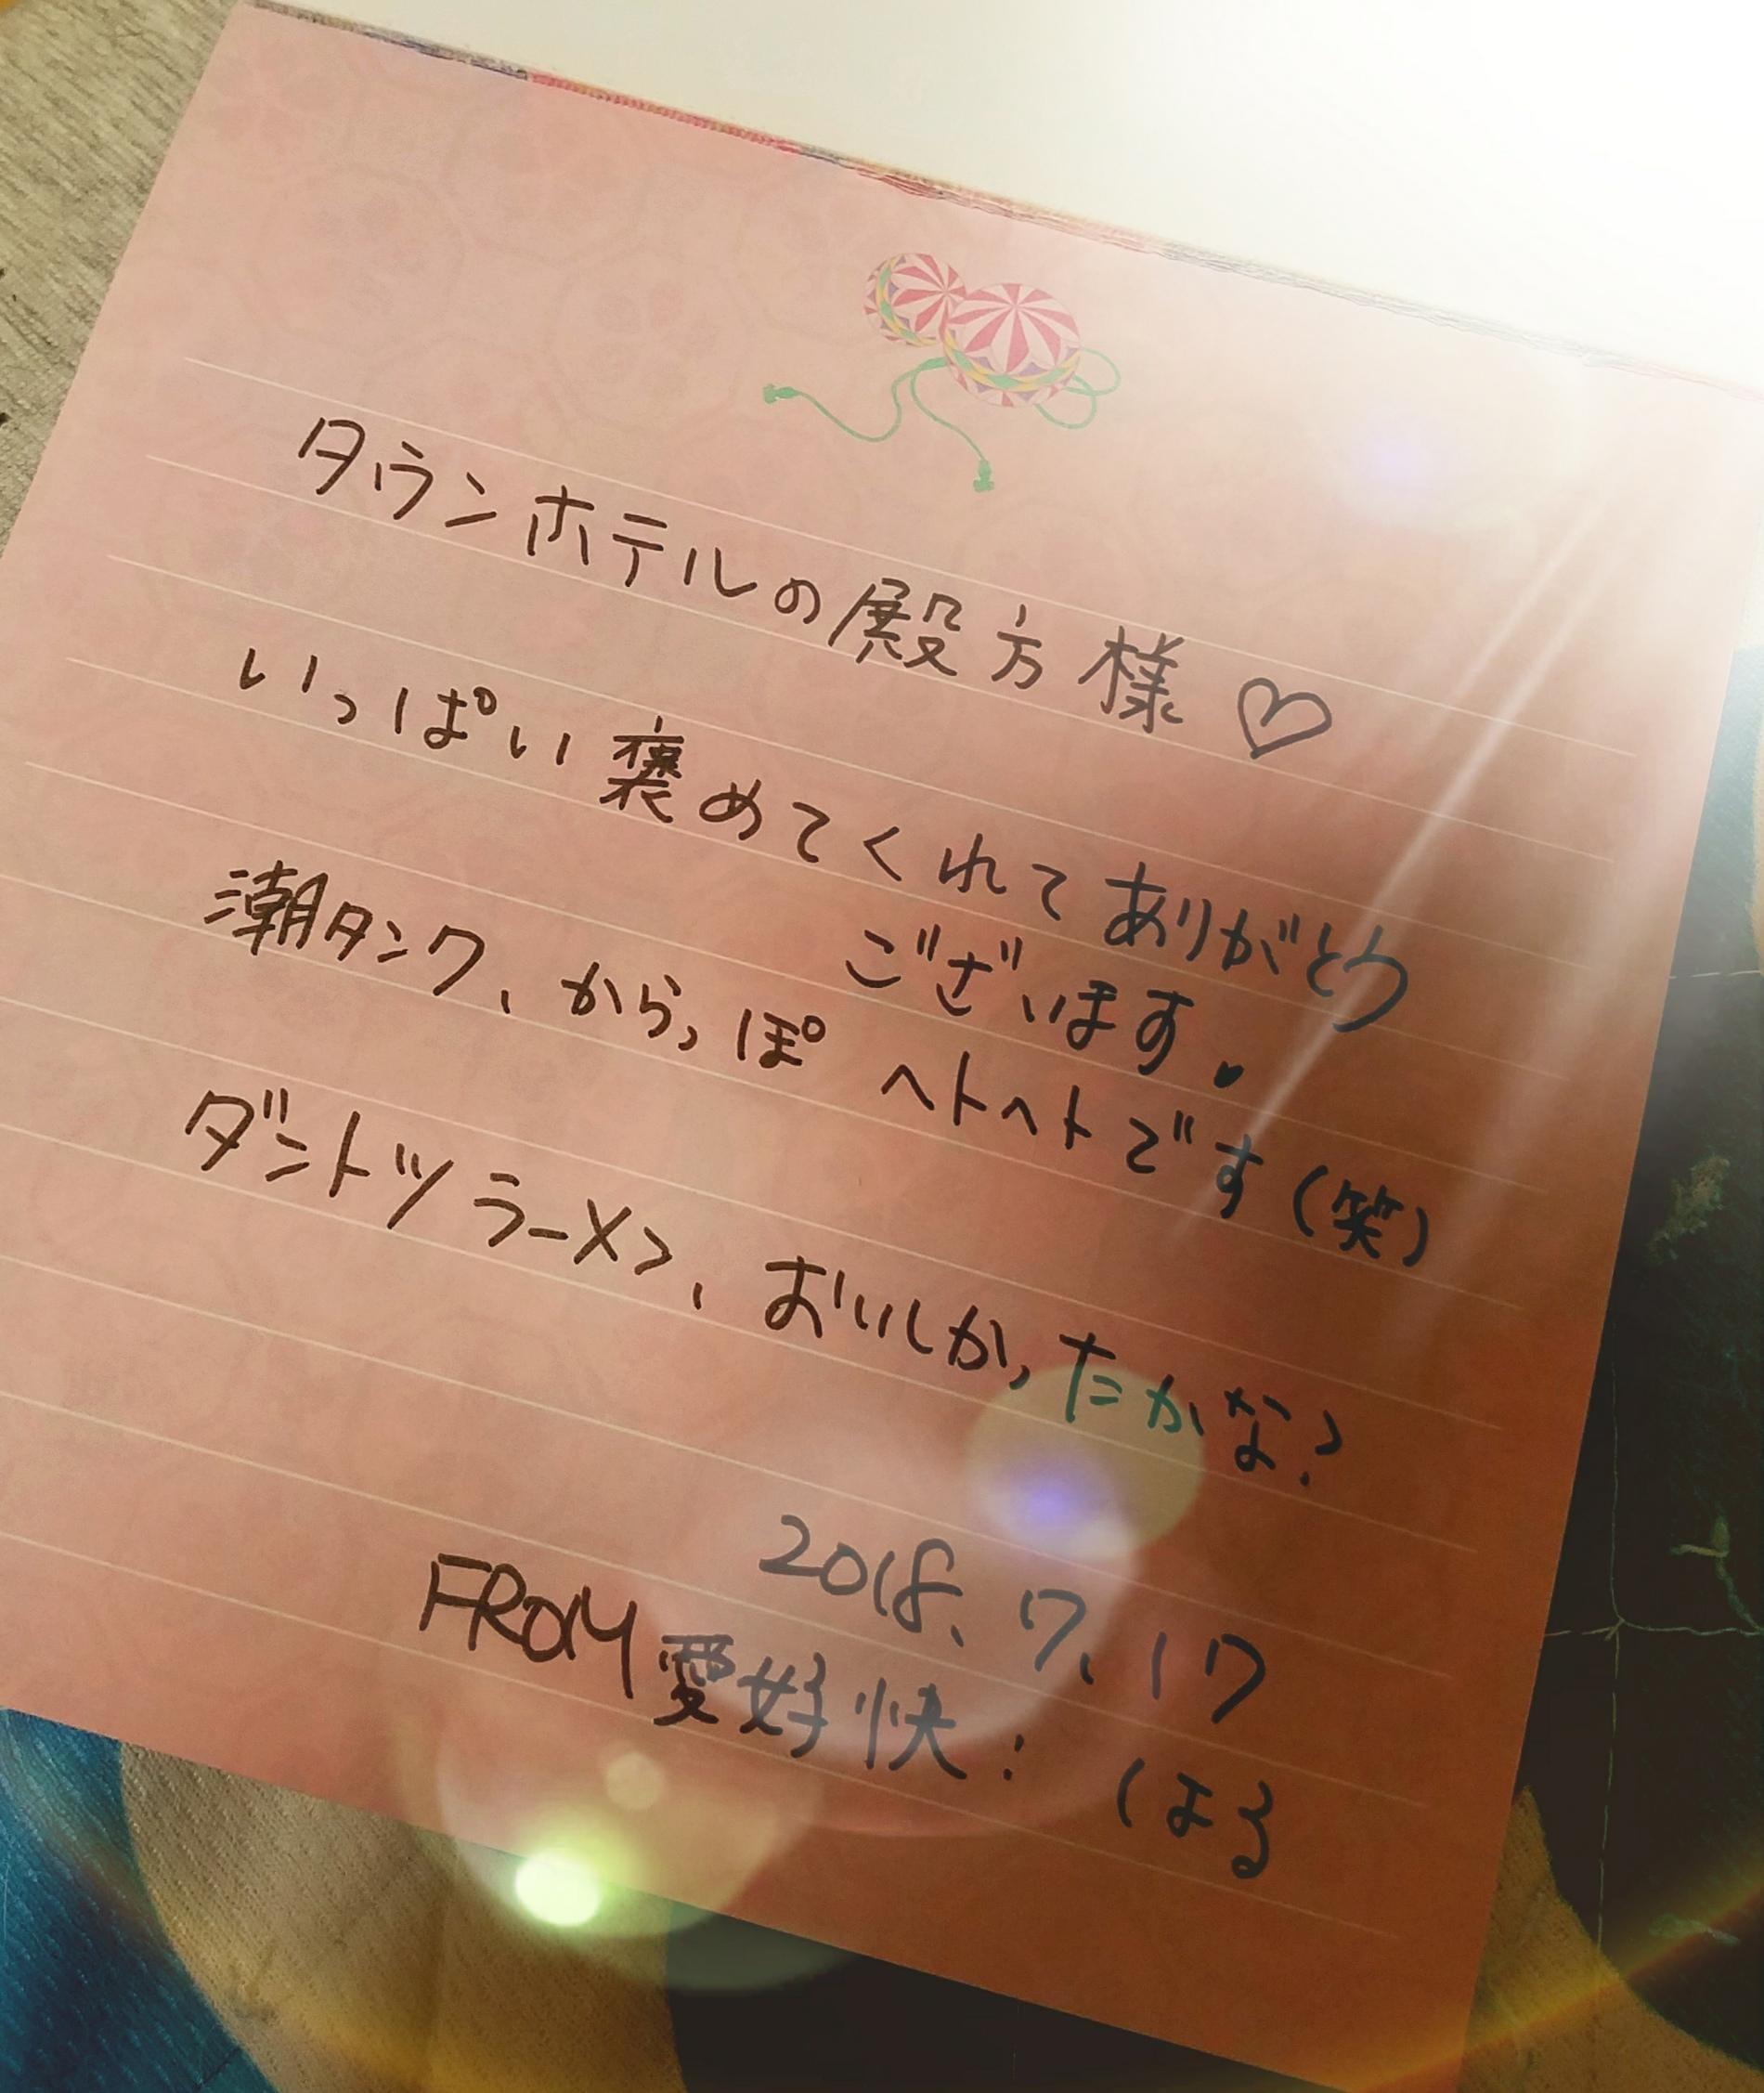 ★夢咲 はる★「タウンホテルの殿方様」07/17(火) 21:18   ★夢咲 はる★の写メ・風俗動画